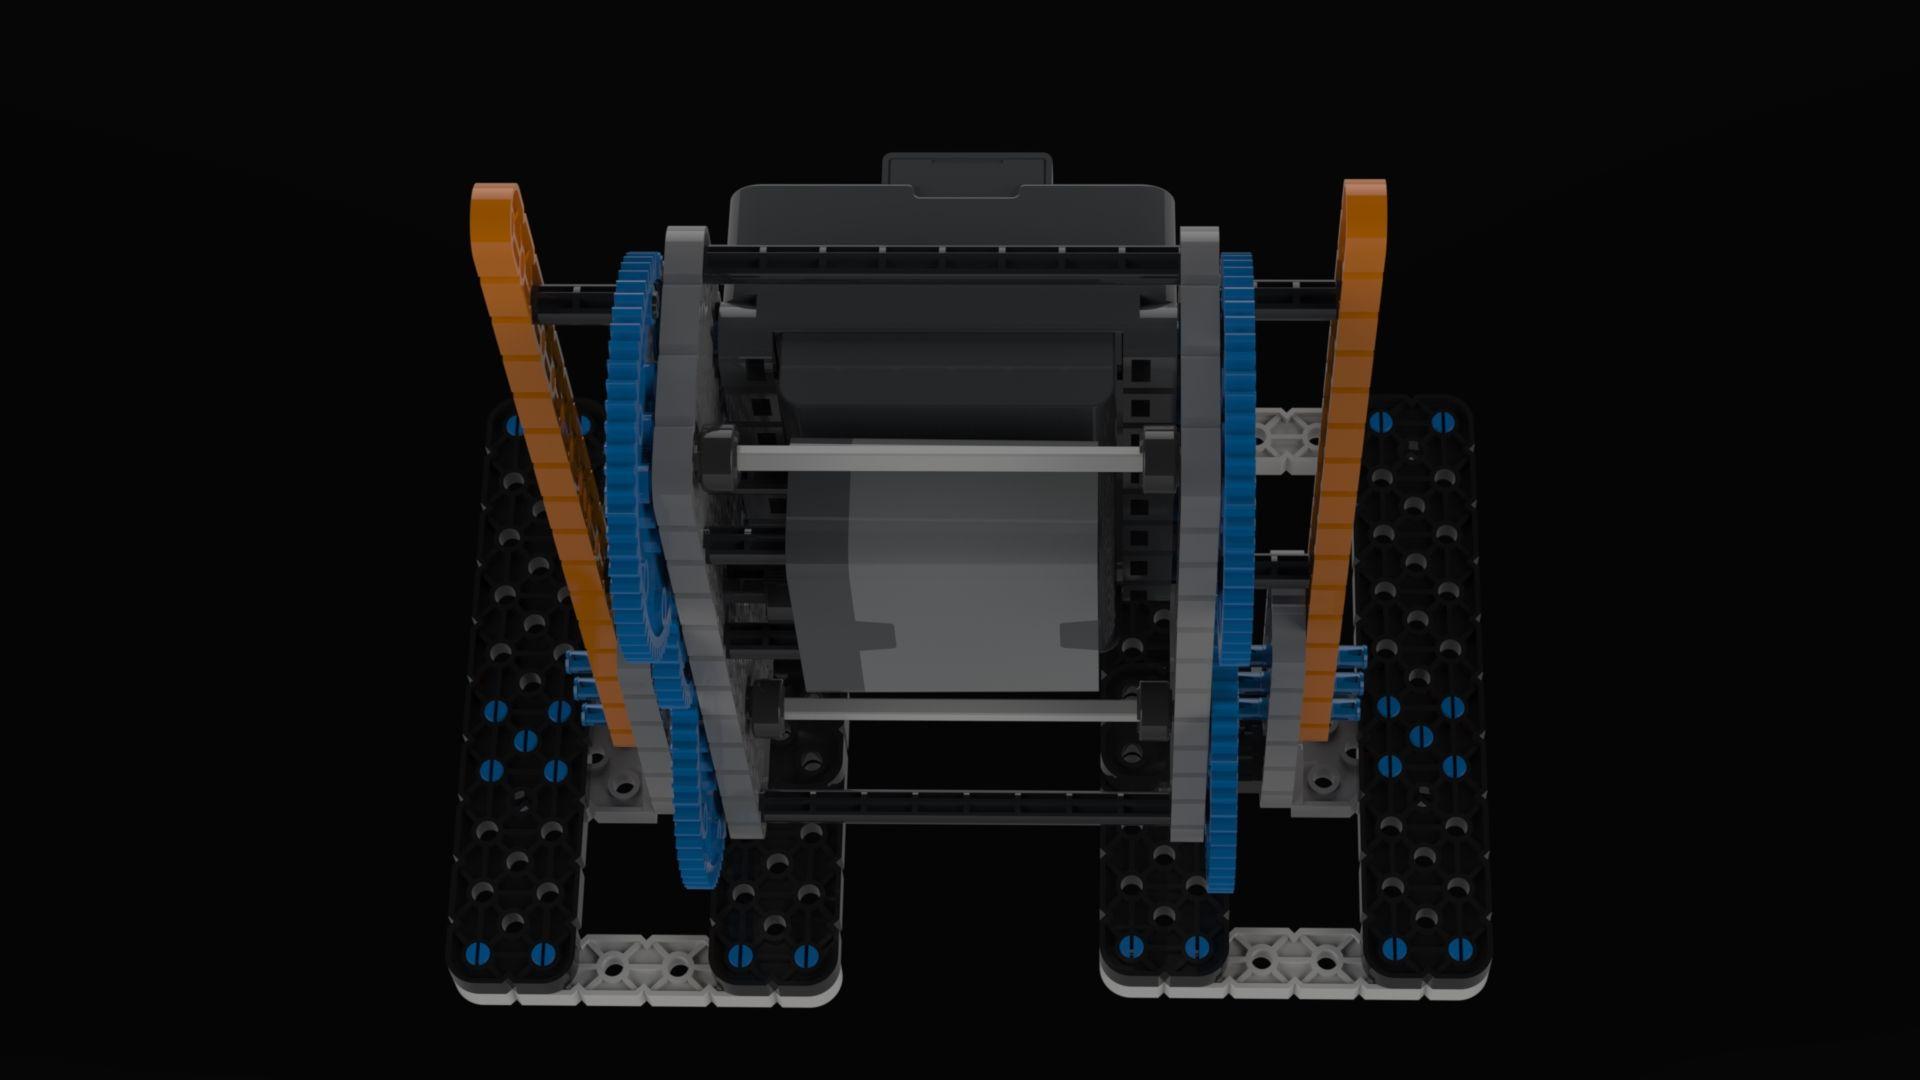 Human-lcs-robot-maker-3500-3500